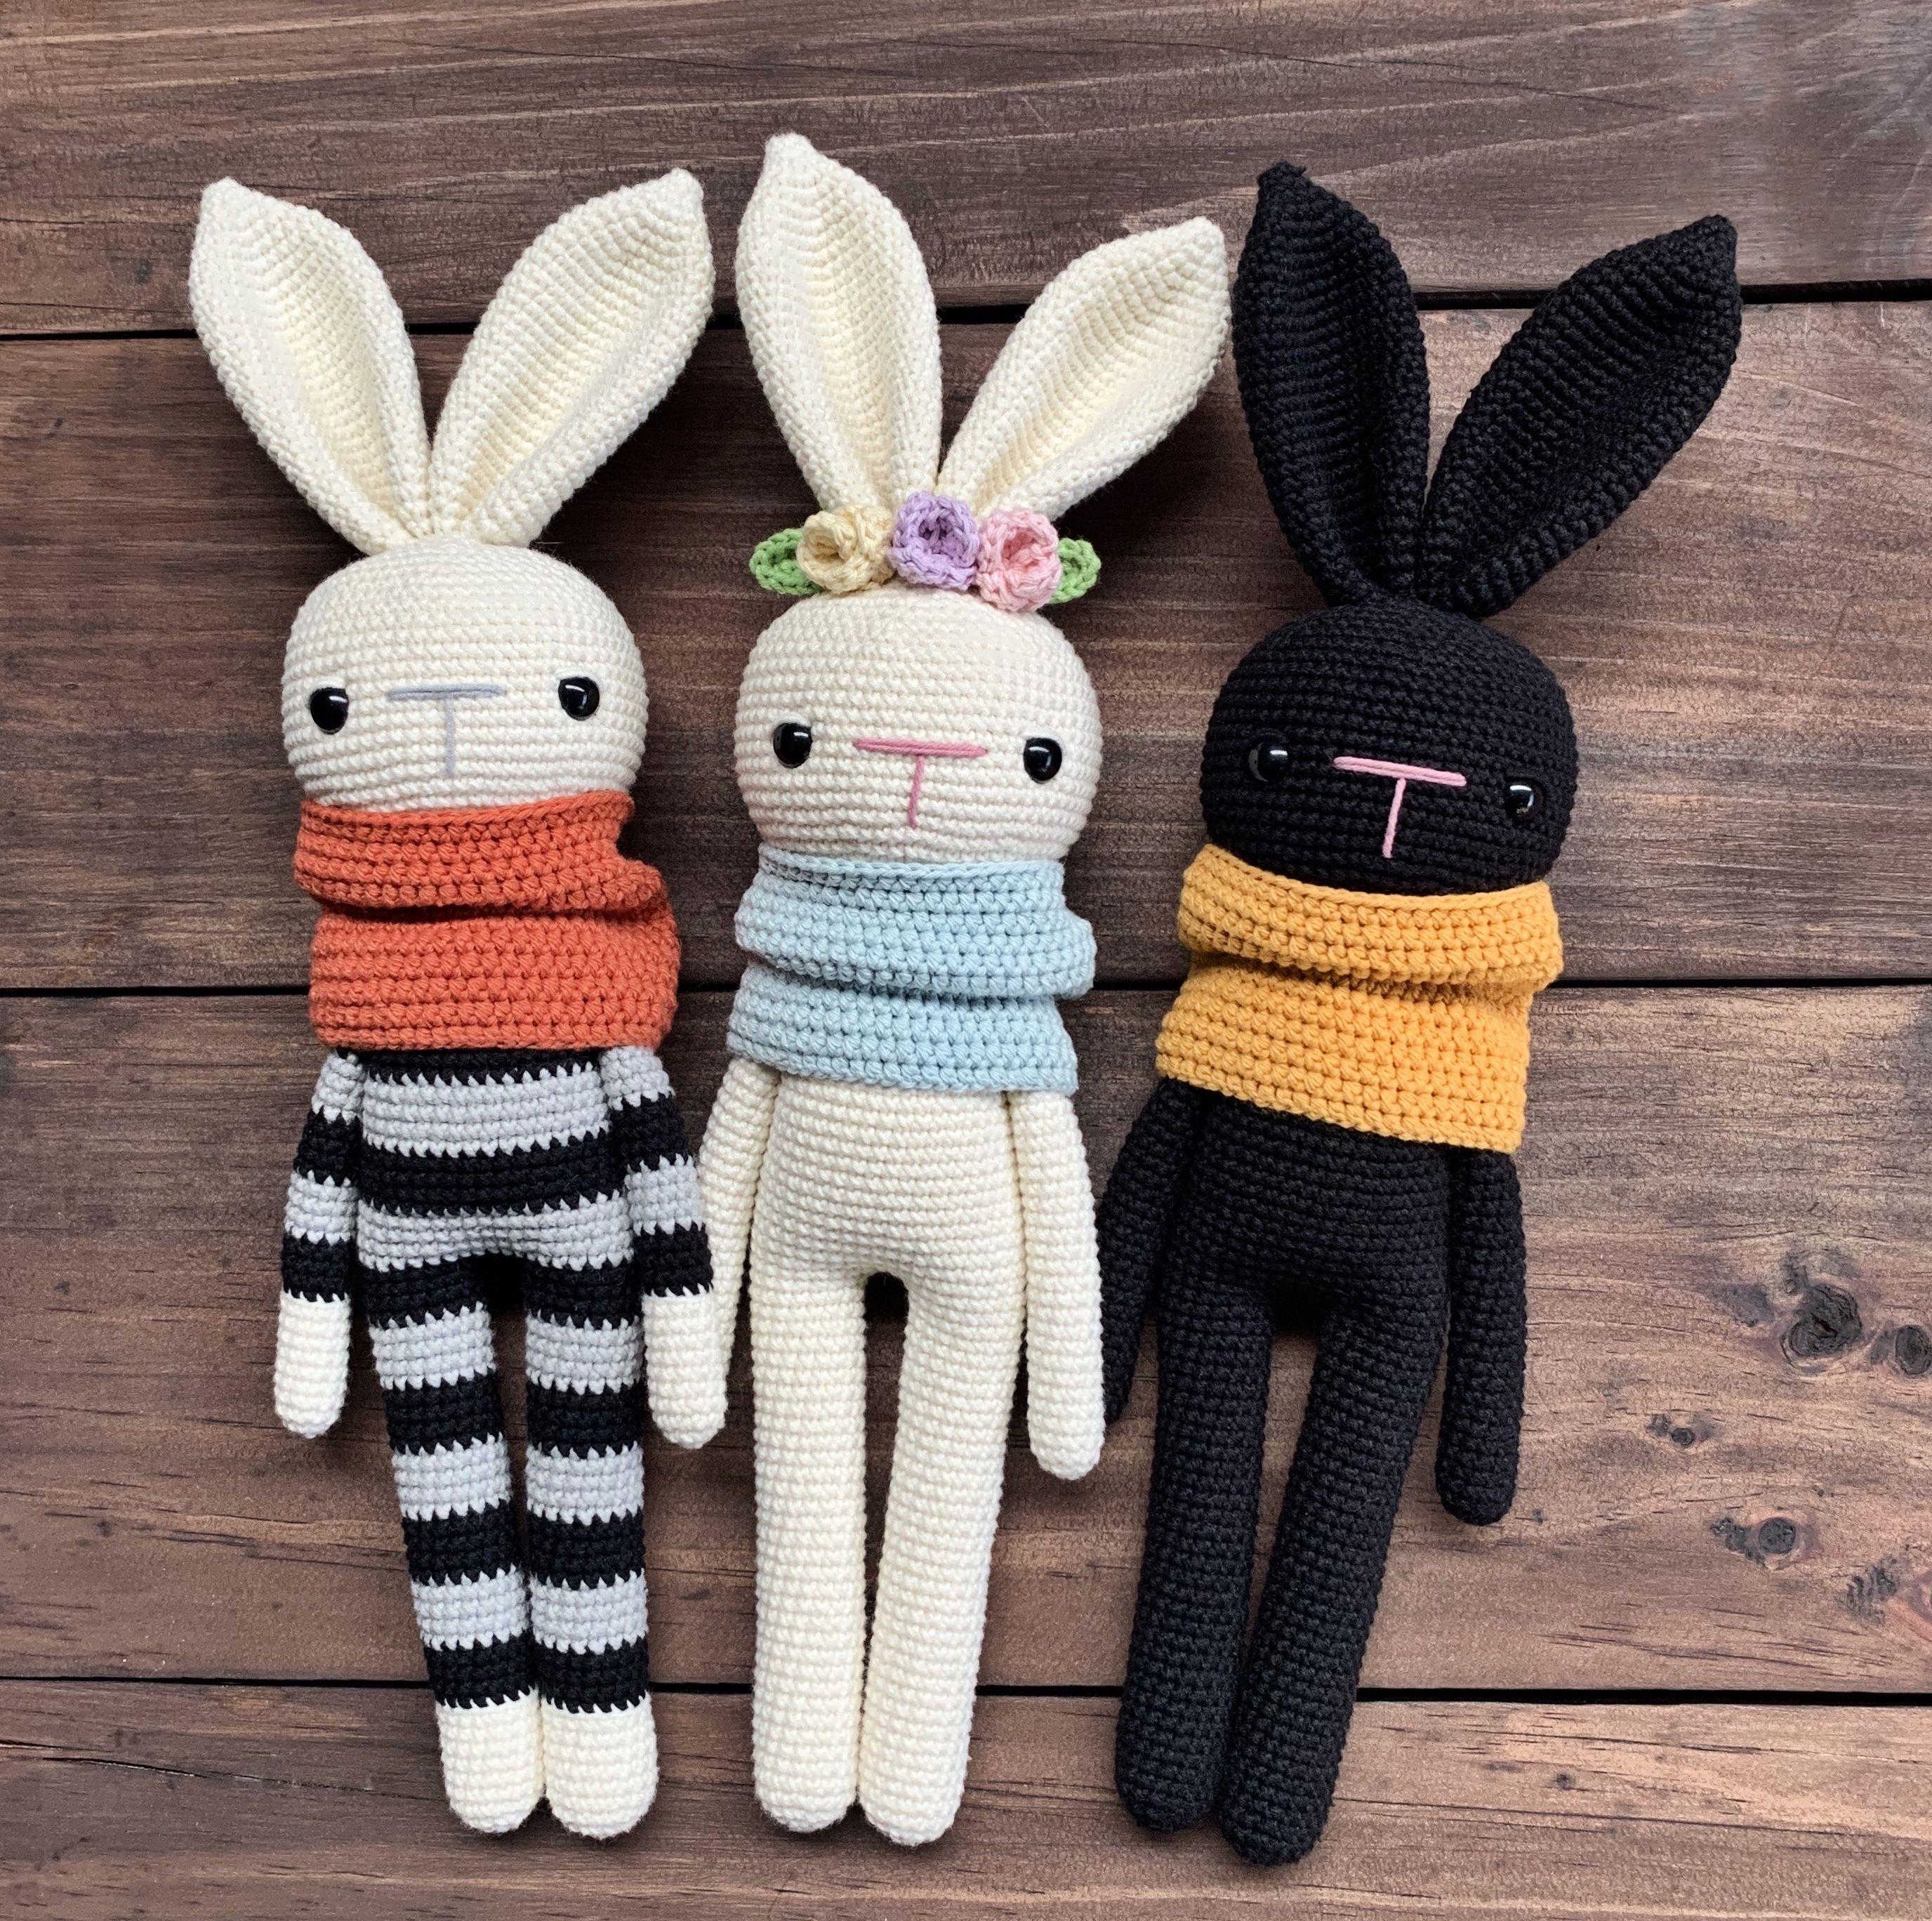 Maximiliano, Merlina y Morgan, patrón de crochet e